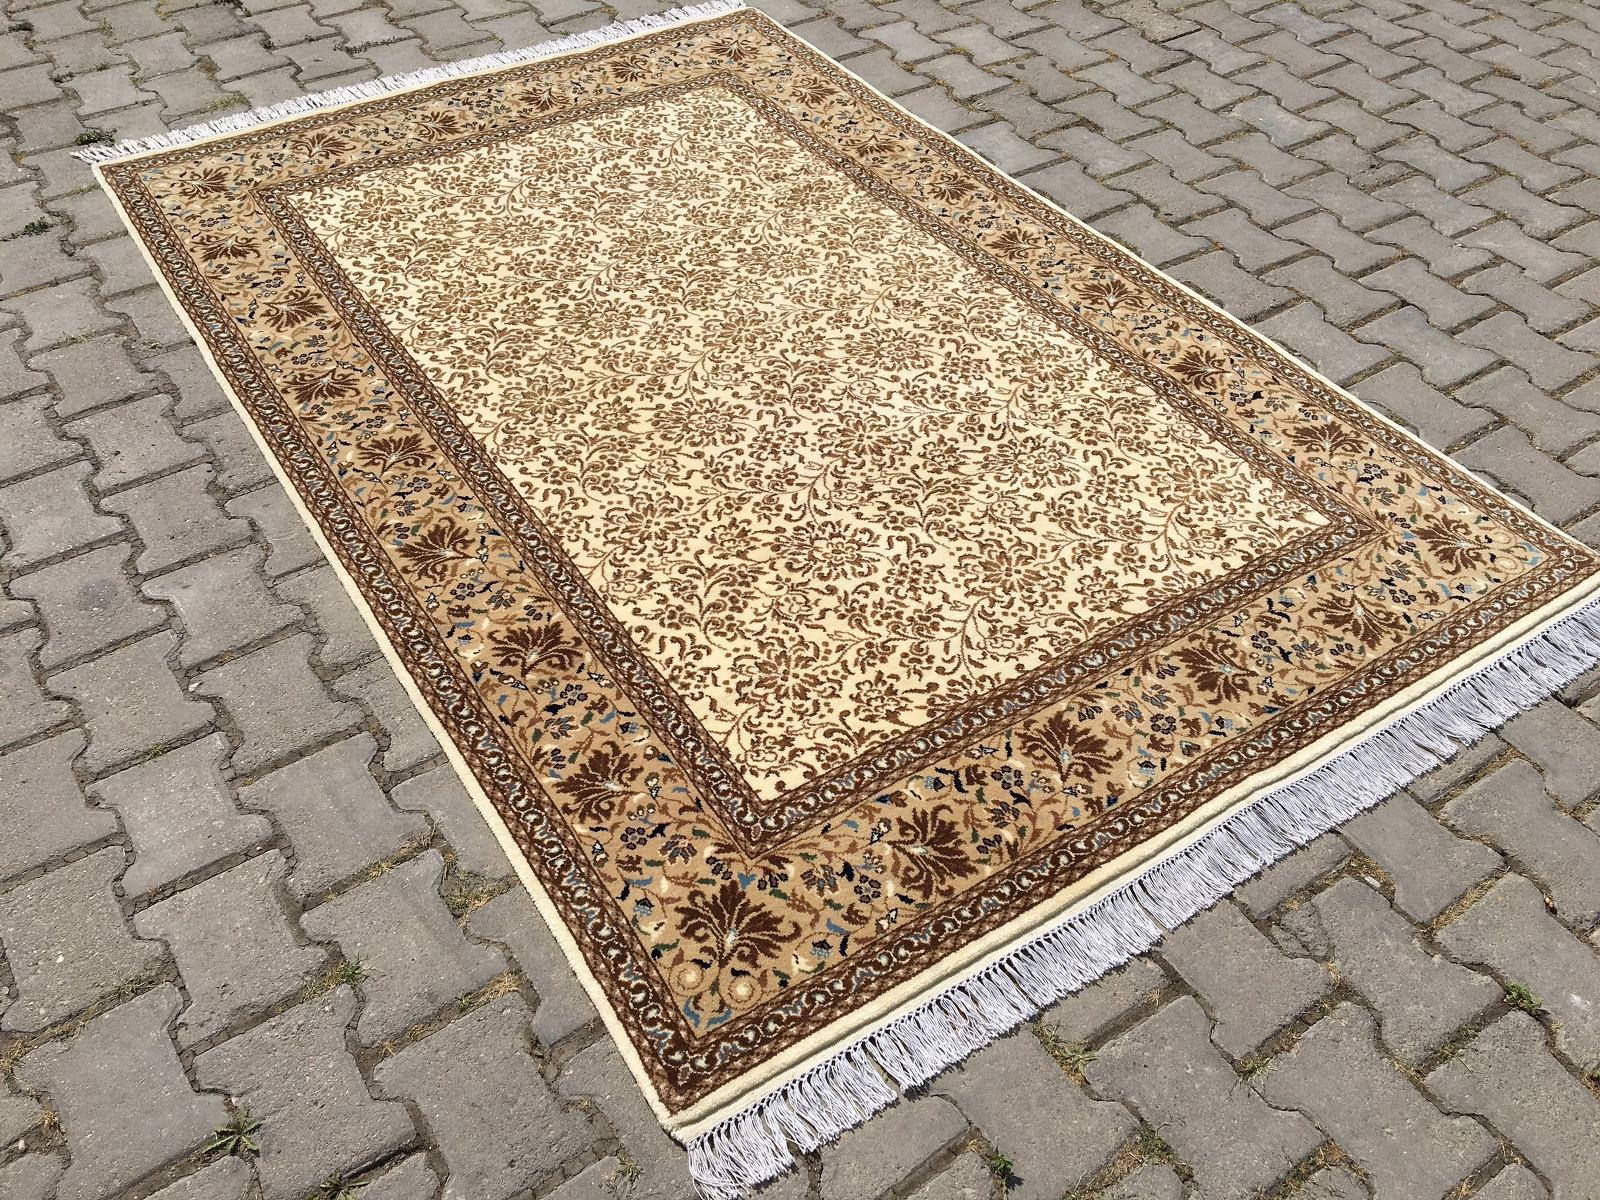 SULTANBEYLİ BUTİK HALI 152X228 Sultanbeyli Butik Halı